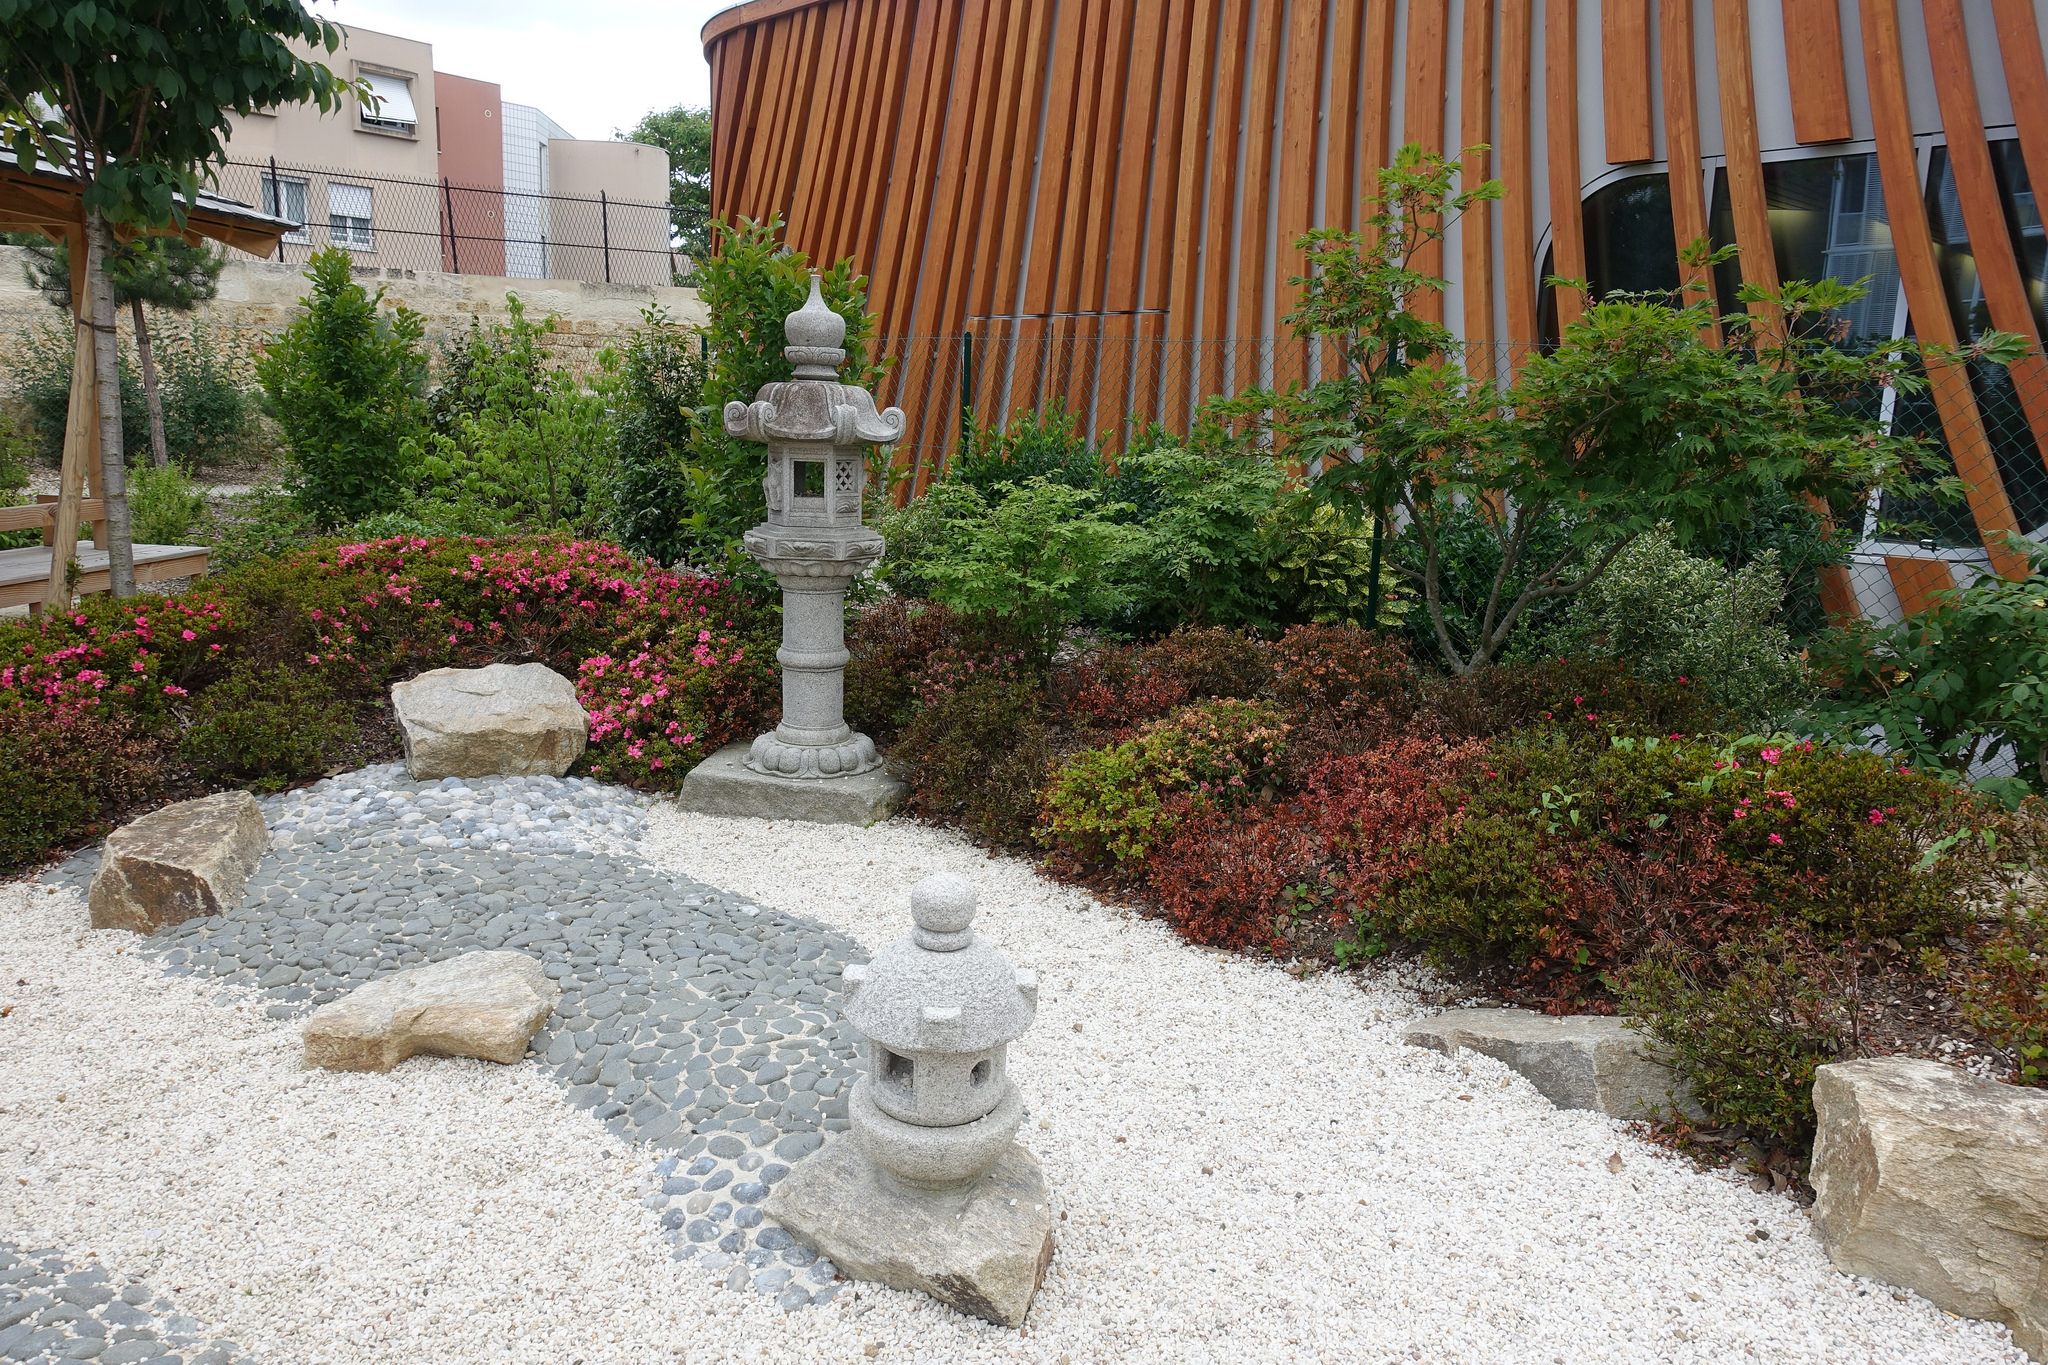 maison japonaise exterieur d coration japonaise exterieur. Black Bedroom Furniture Sets. Home Design Ideas